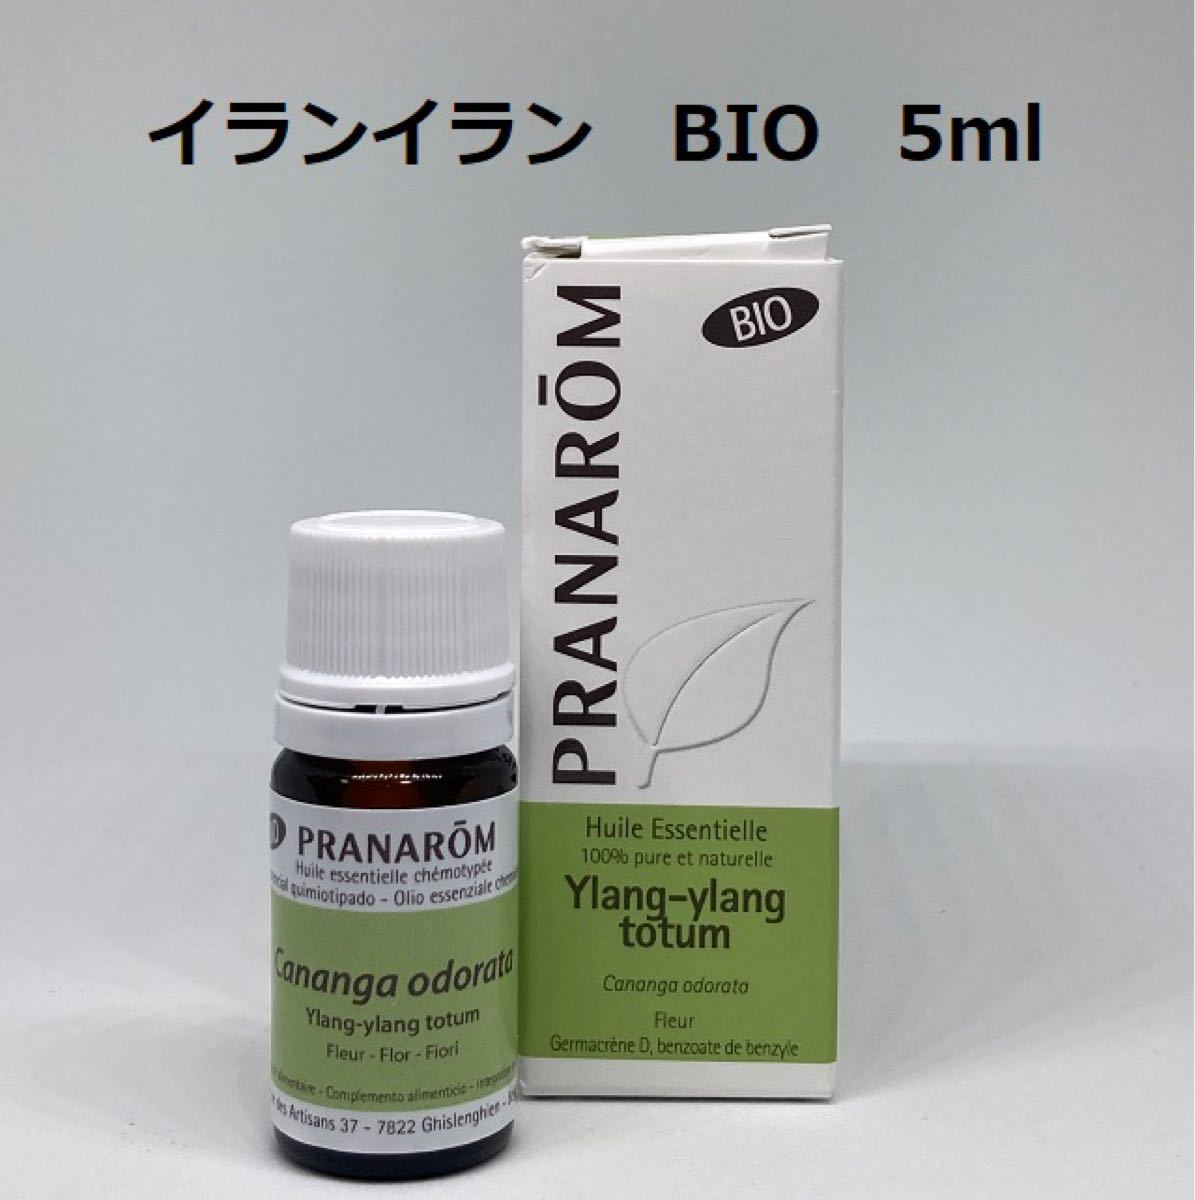 プラナロム イランイラン BIO 5ml 精油 PRANAROM